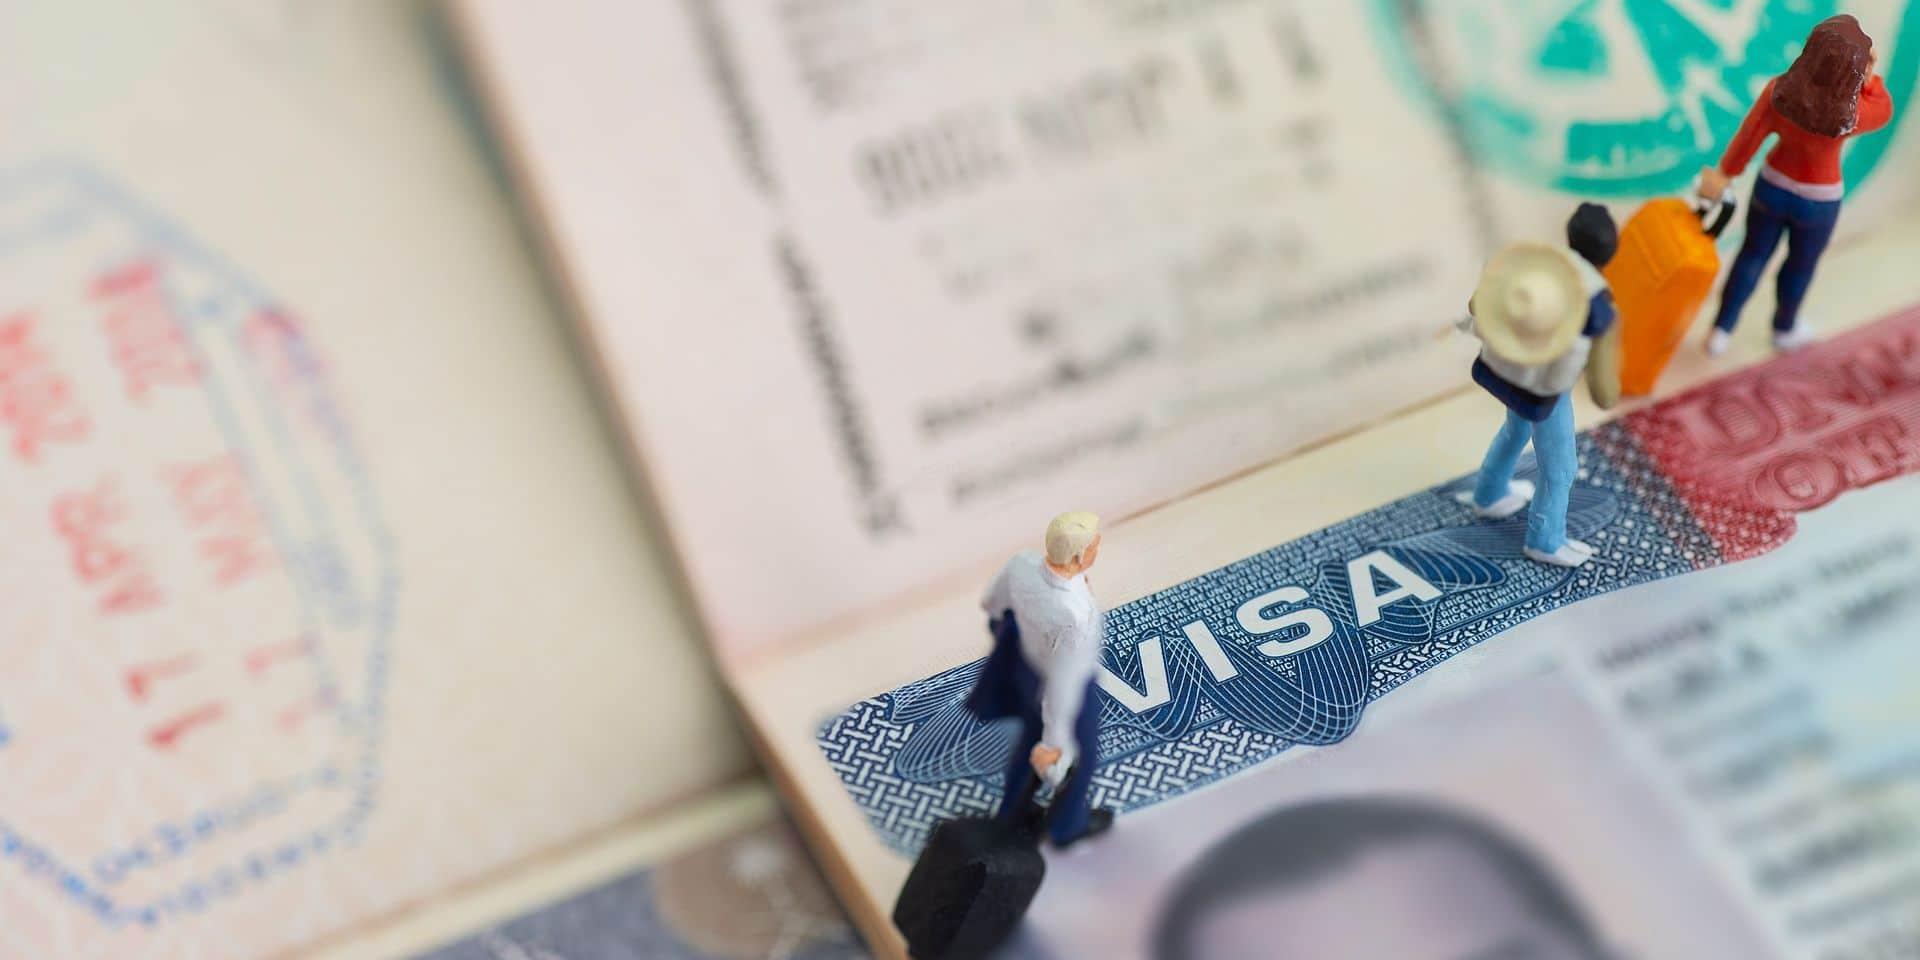 Quelles sont les meilleures destinations pour s'expatrier ?